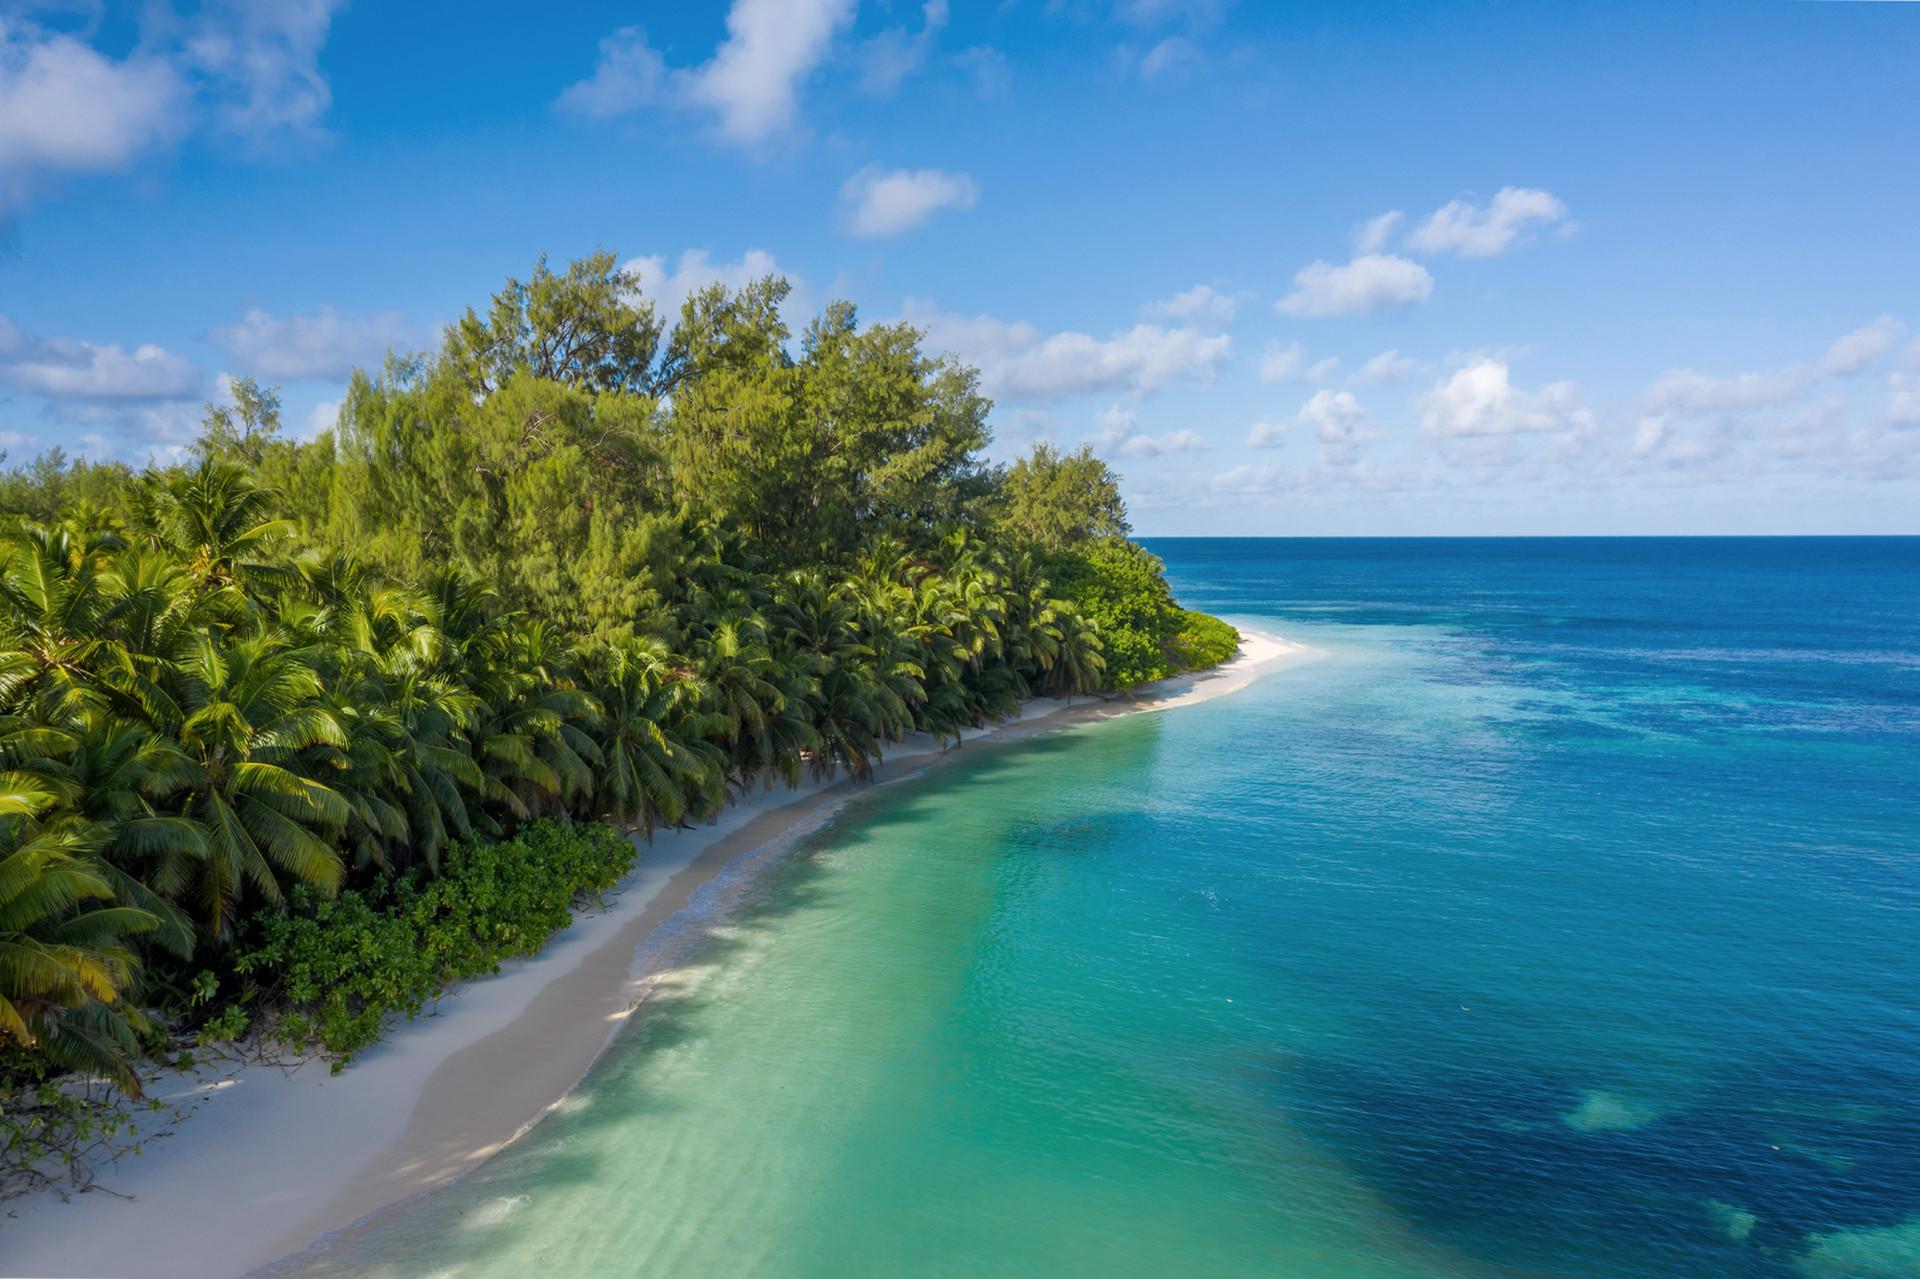 14 км белоснежных пляжей вокруг острова.